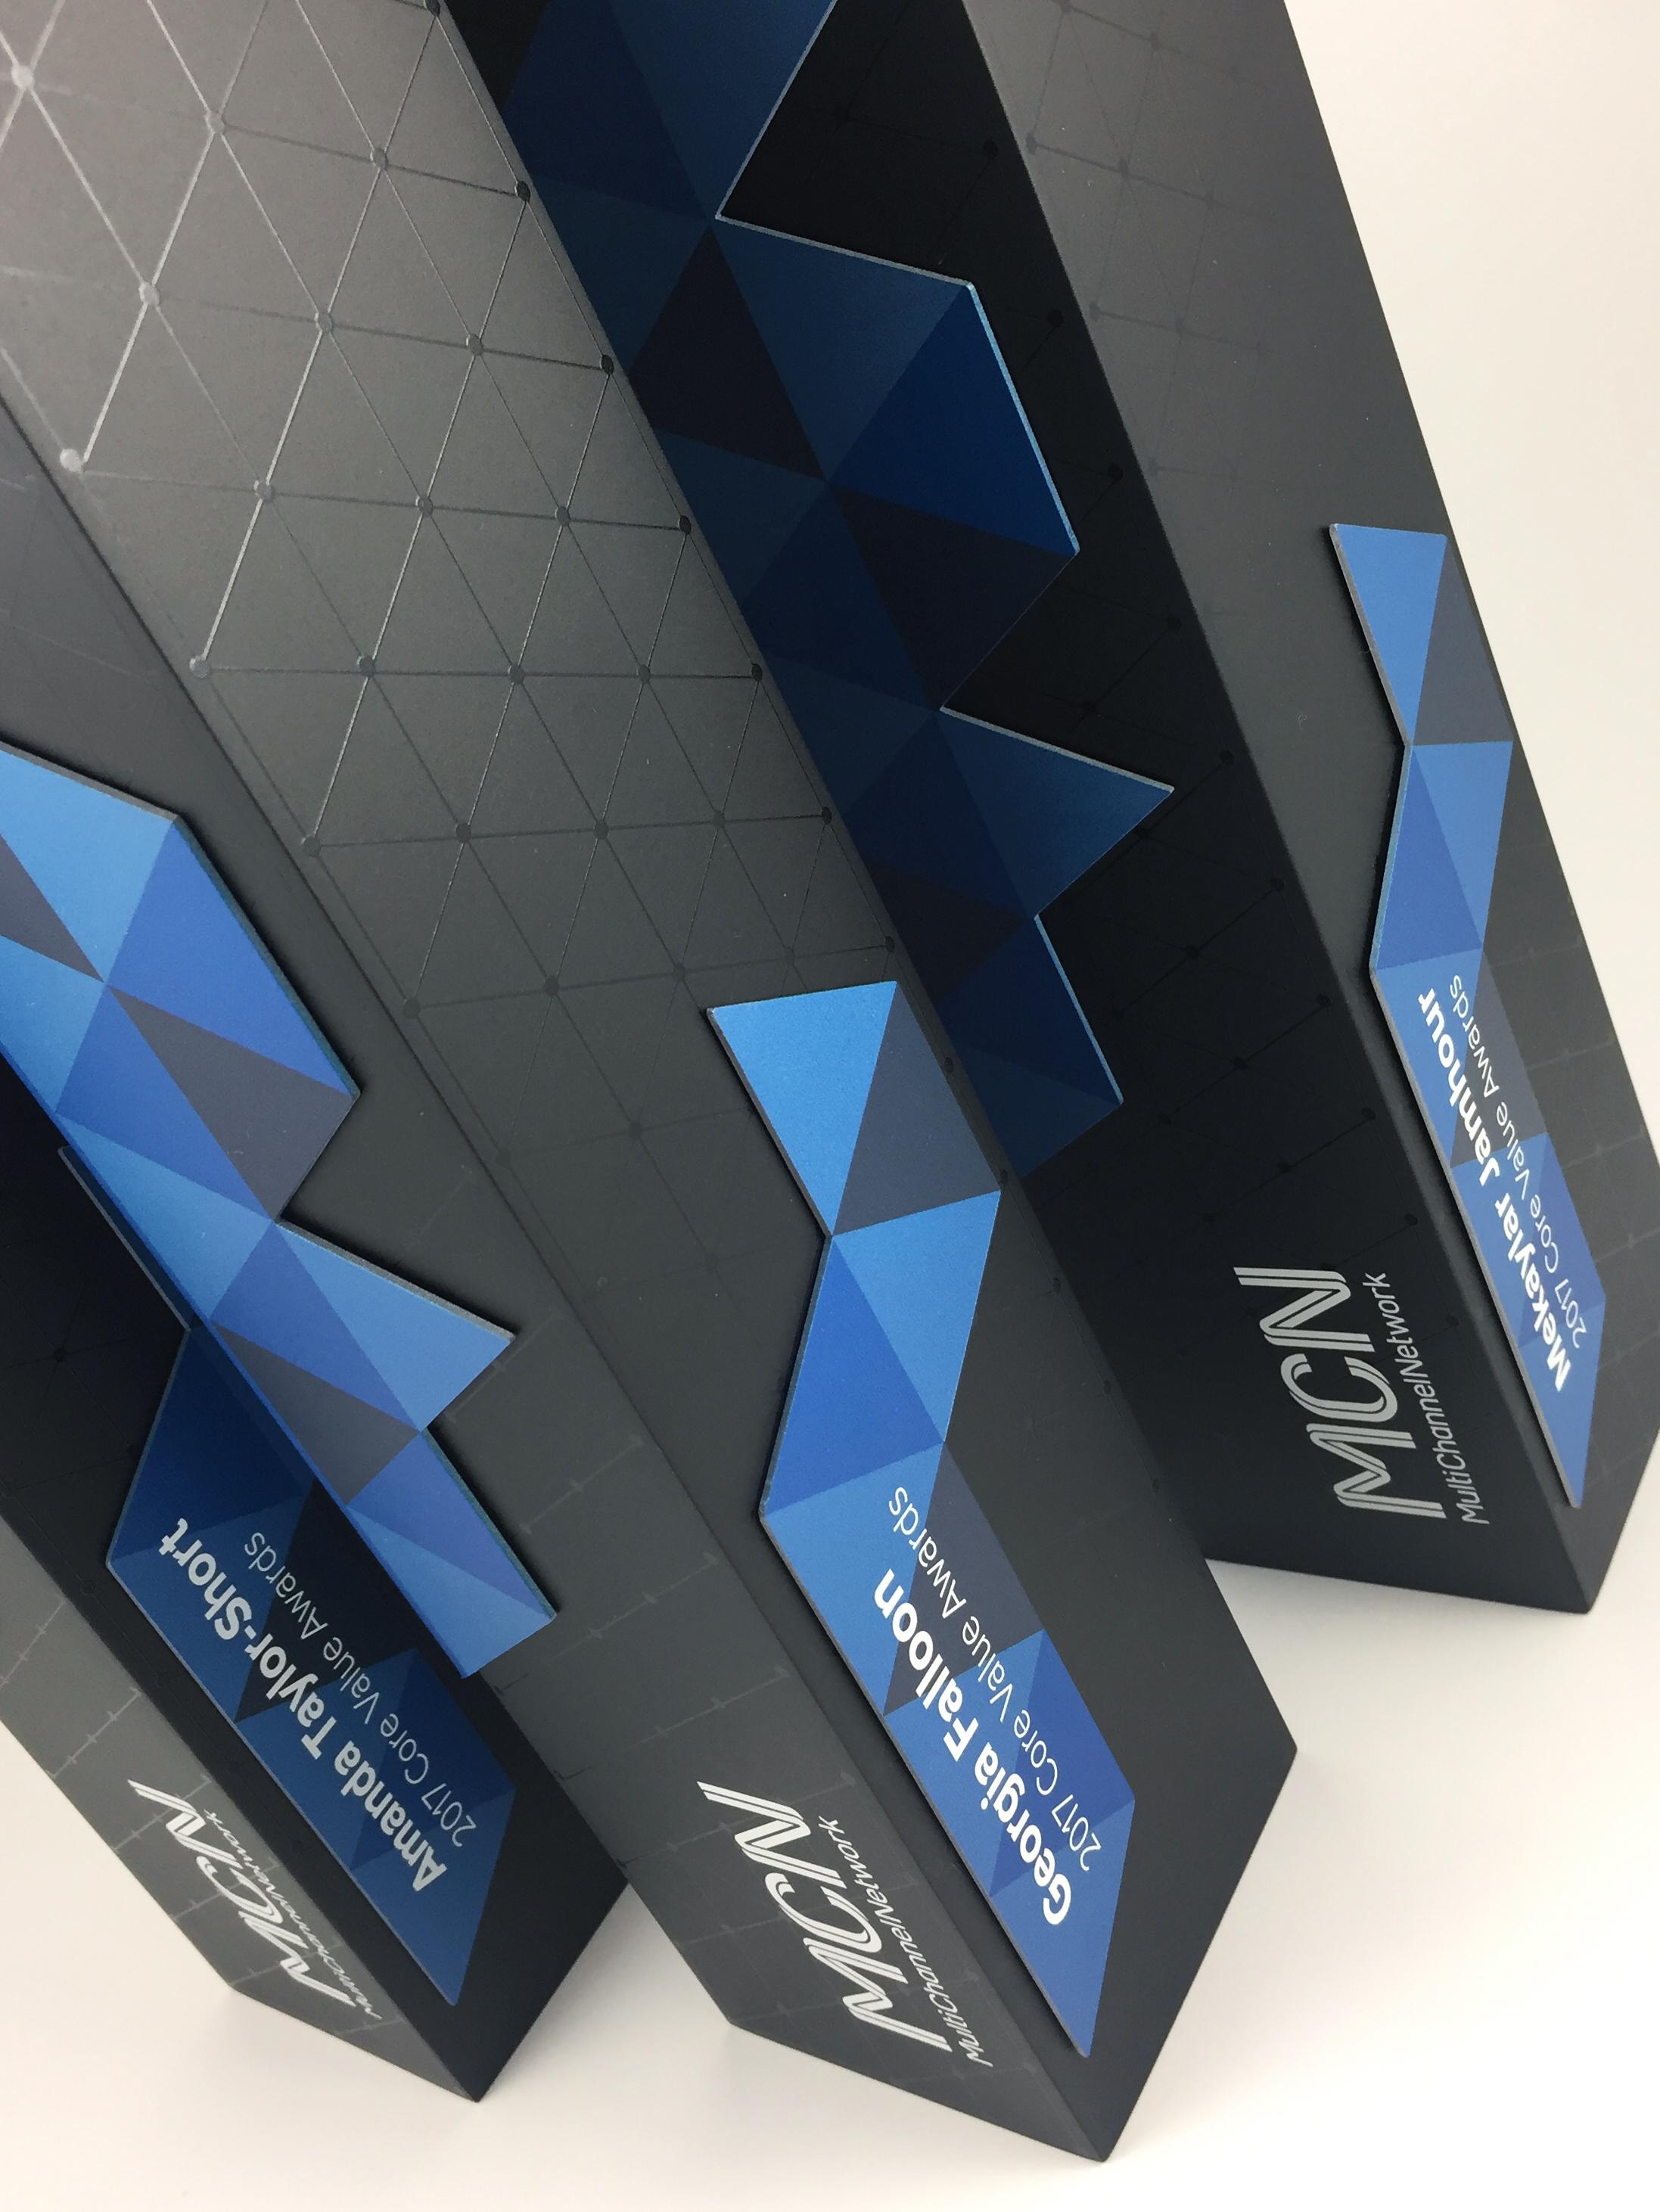 MCN-eco-aluminium-trophy-award-02.jpg